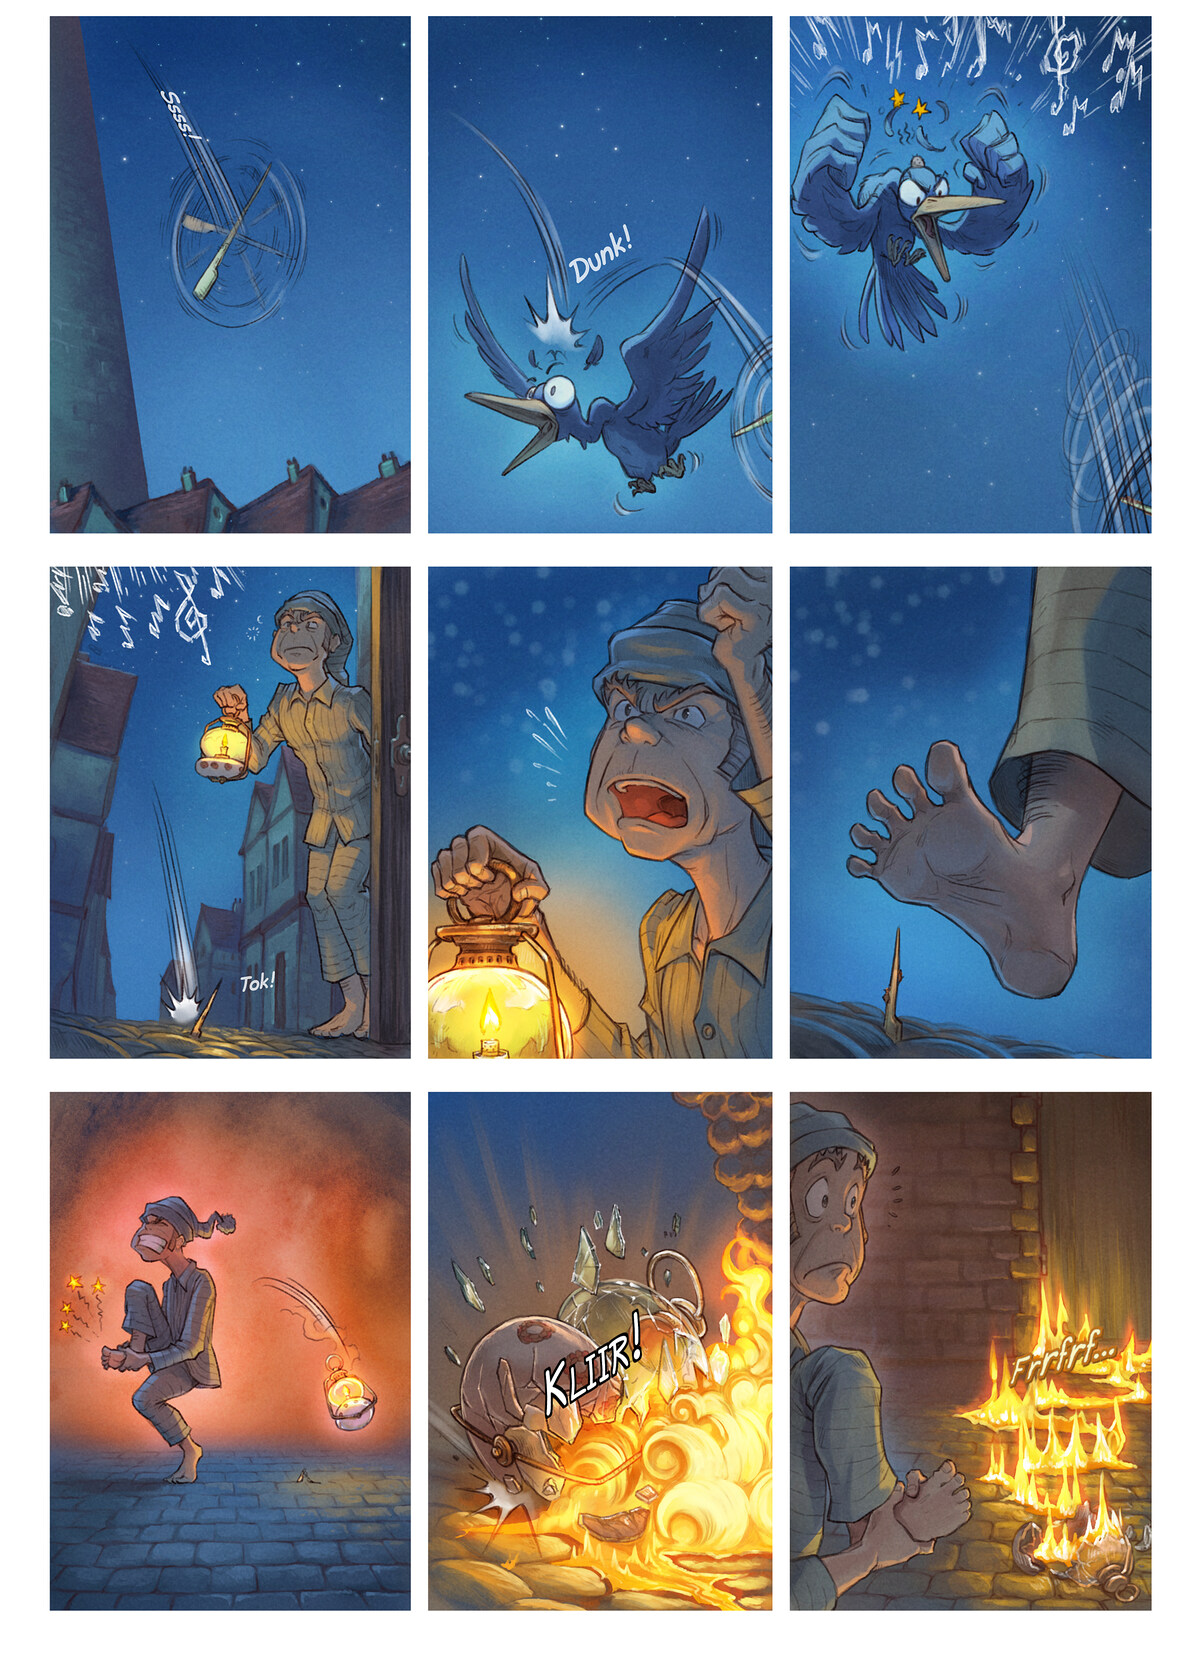 Episode 29: Verdens-ødelæggeren, Page 5